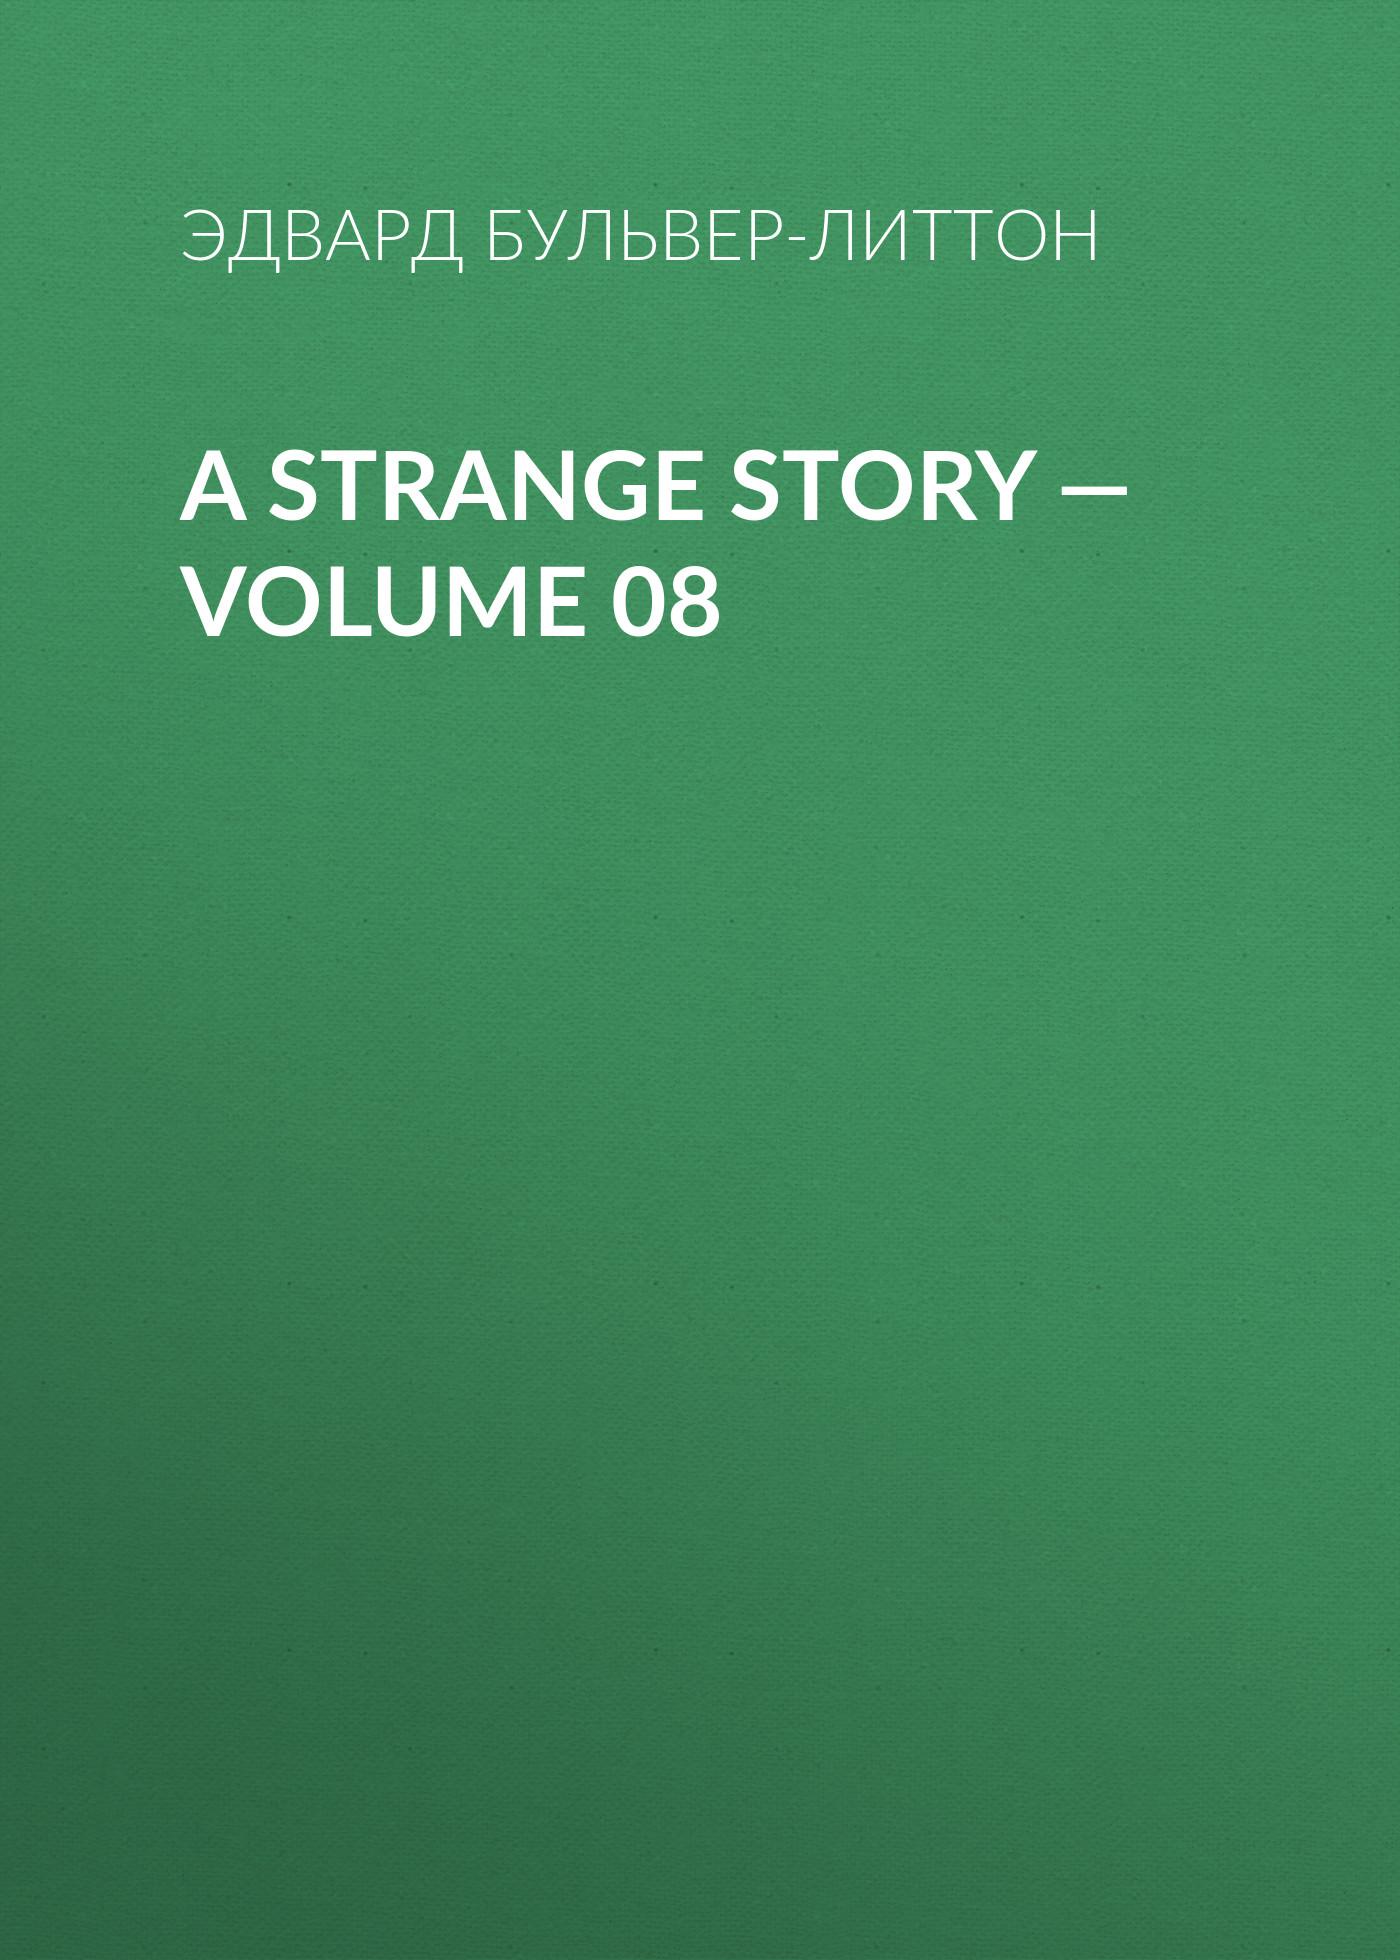 Эдвард Бульвер-Литтон A Strange Story — Volume 08 эдвард бульвер литтон a strange story volume 05